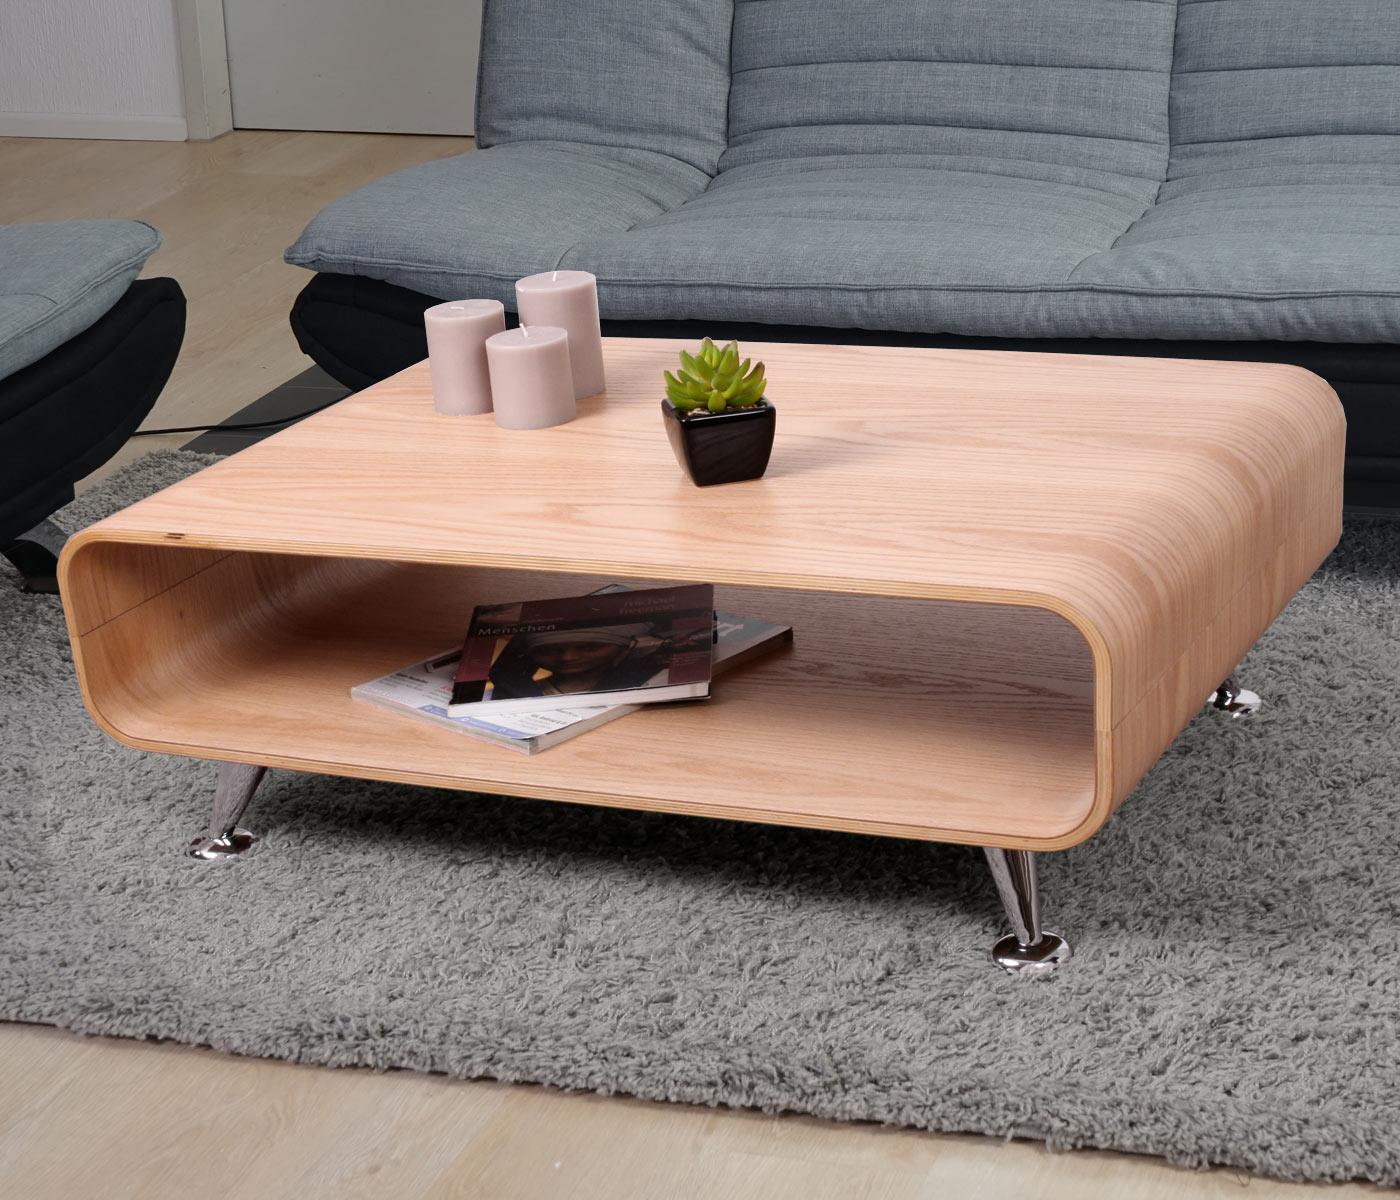 couchtisch loungetisch hwc xxl 33x90x60cm eiche natur. Black Bedroom Furniture Sets. Home Design Ideas